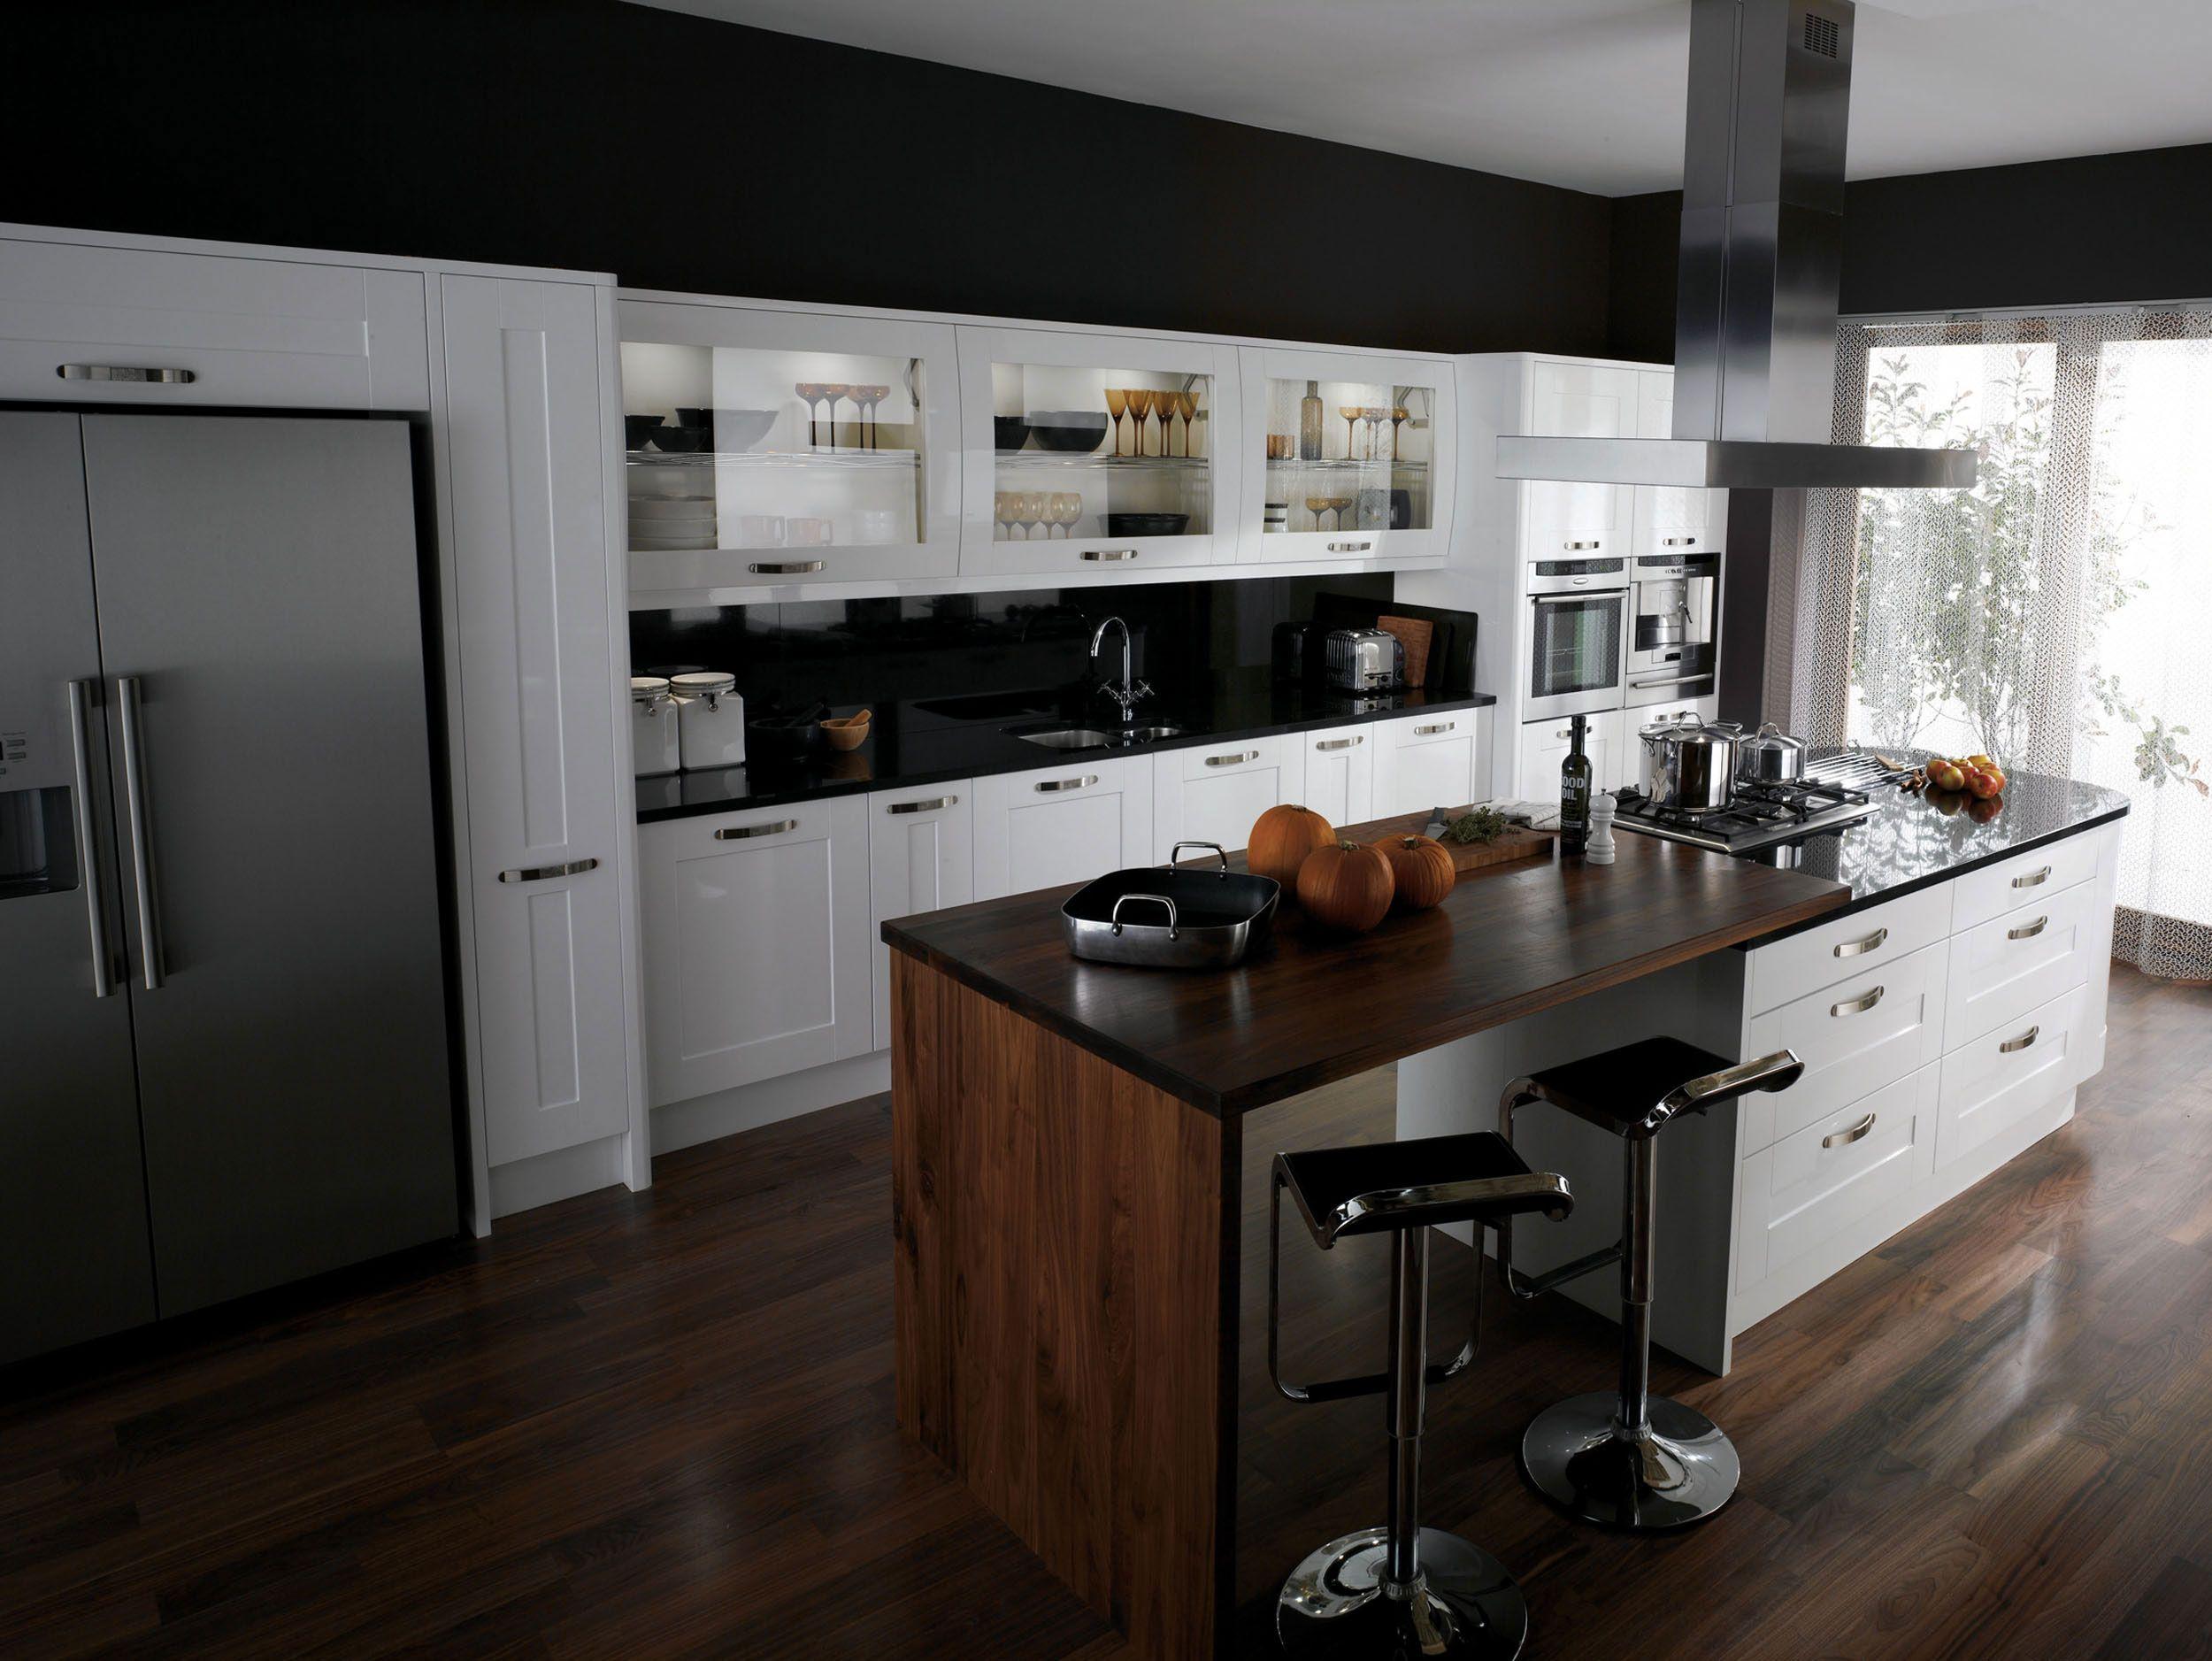 unique countertop ideas for kitchen design: kitchen kitchen island